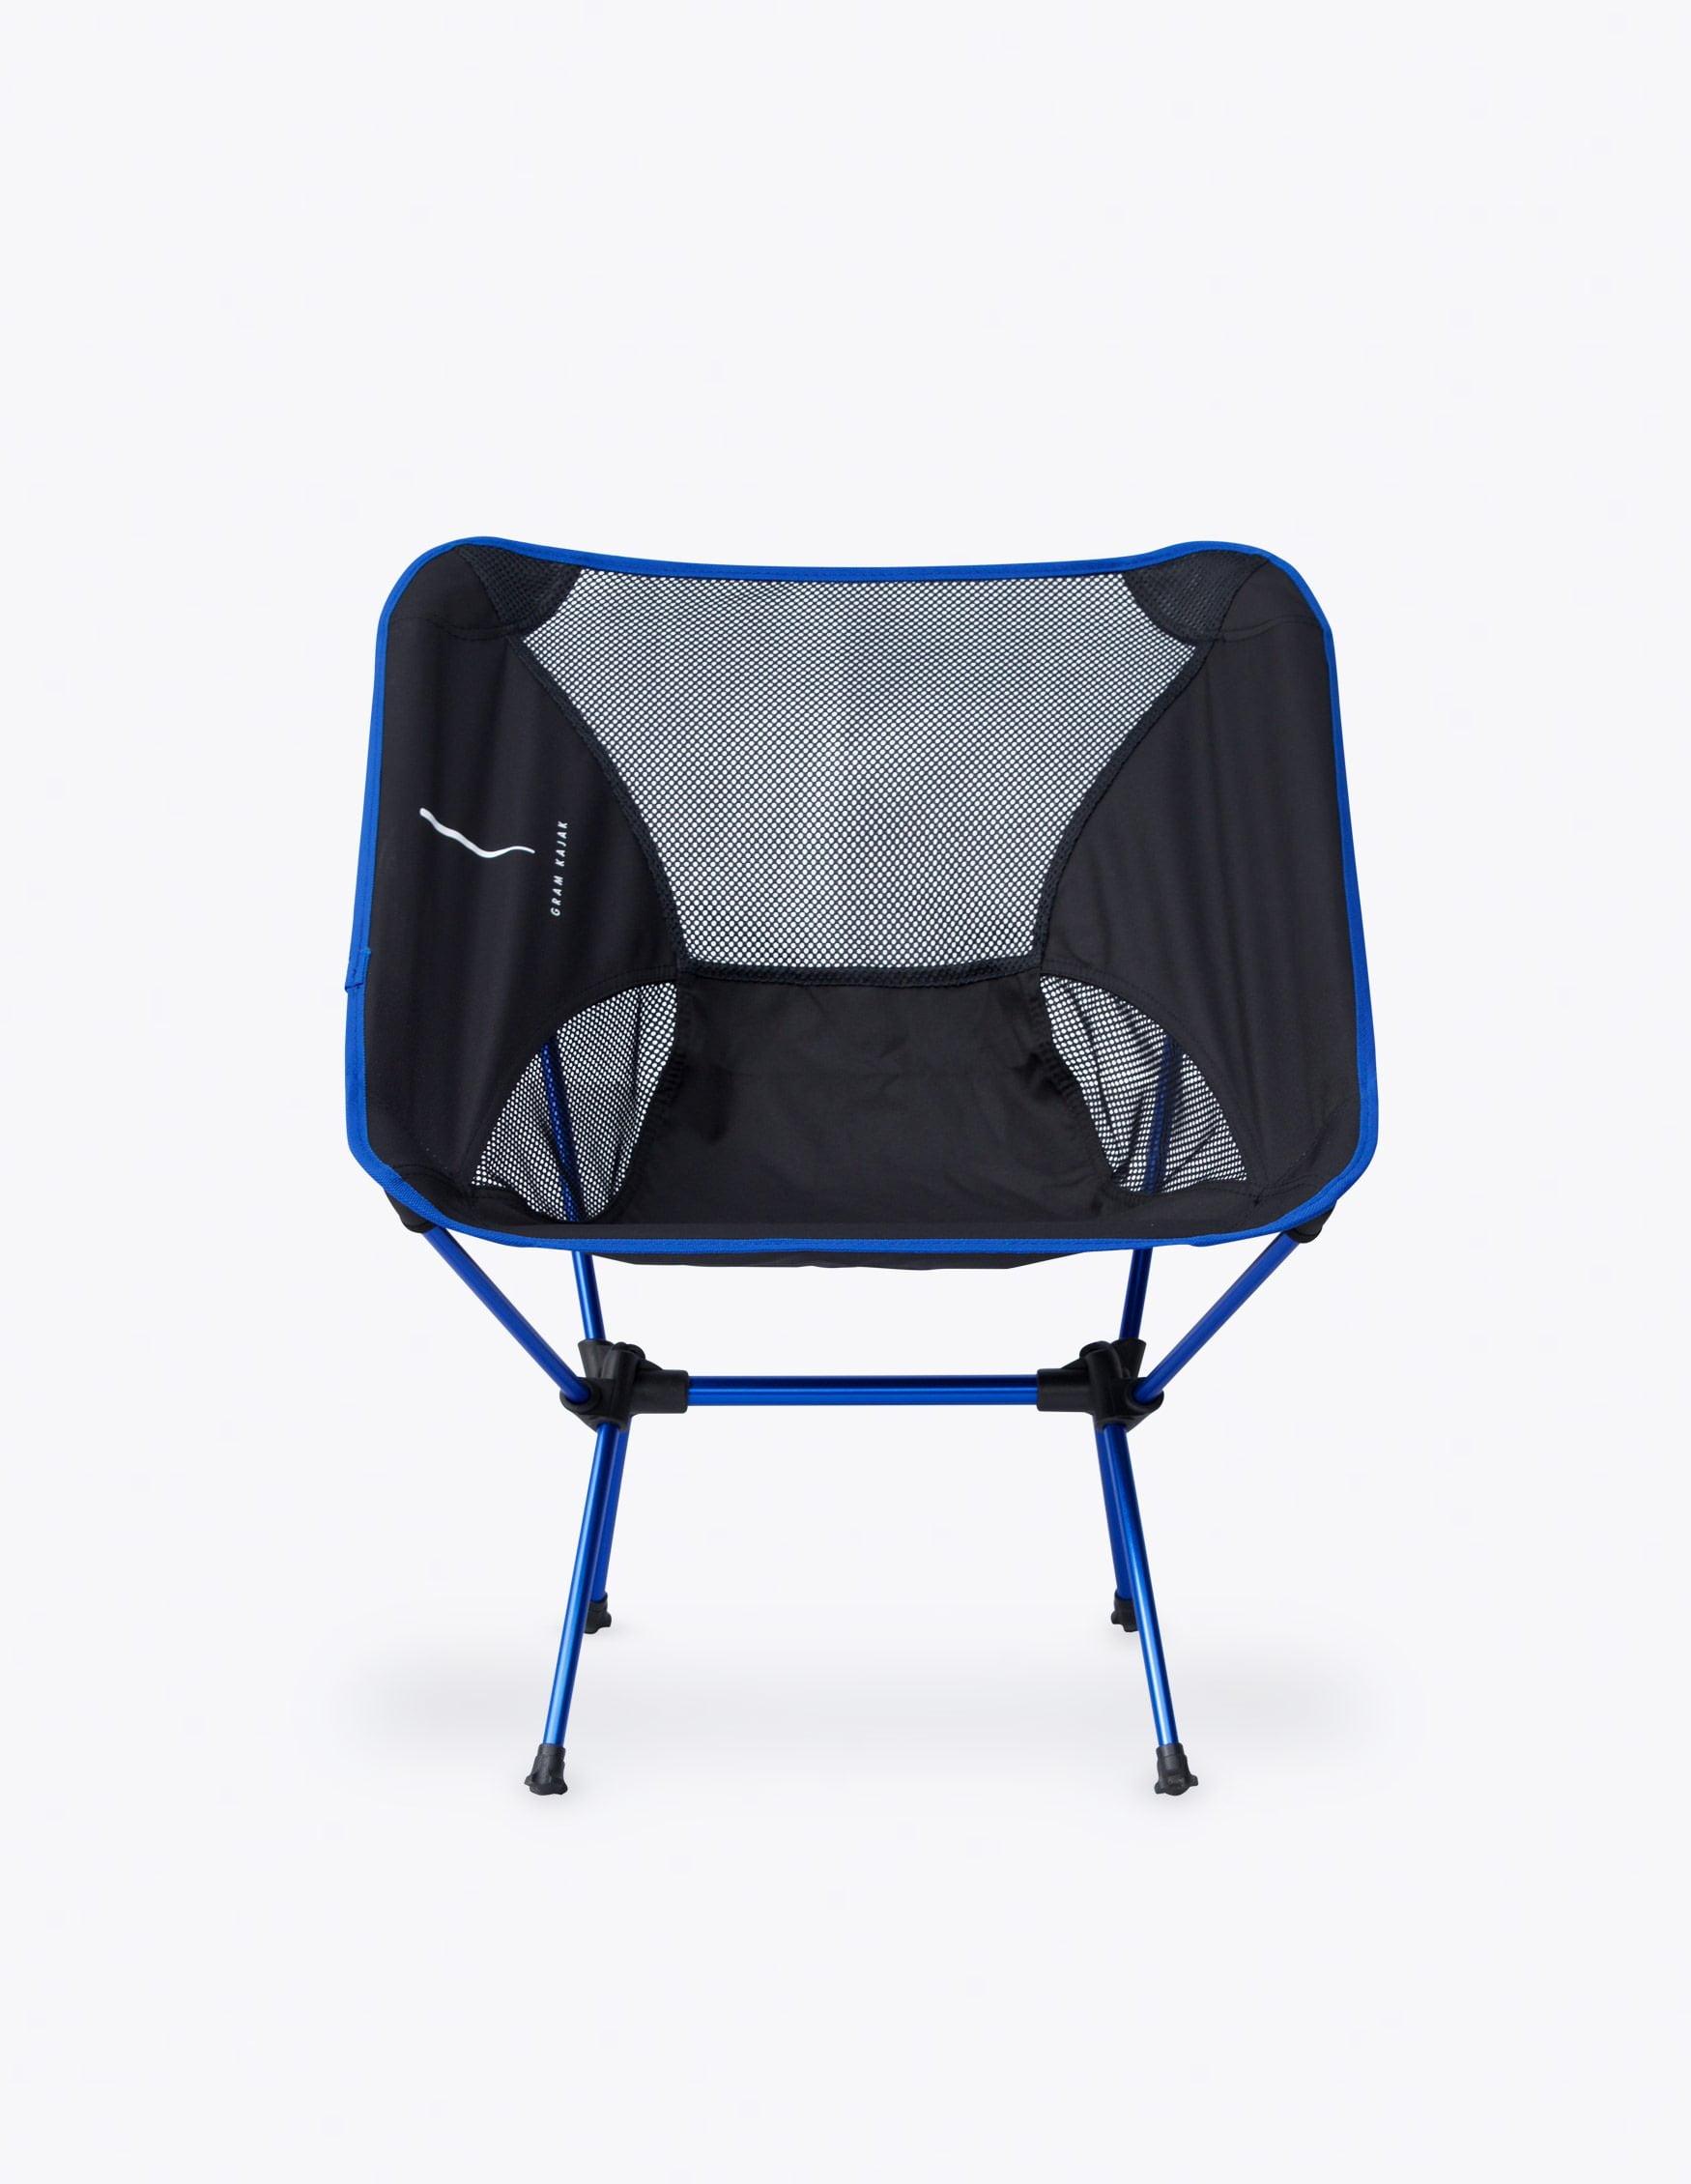 Kayak chair